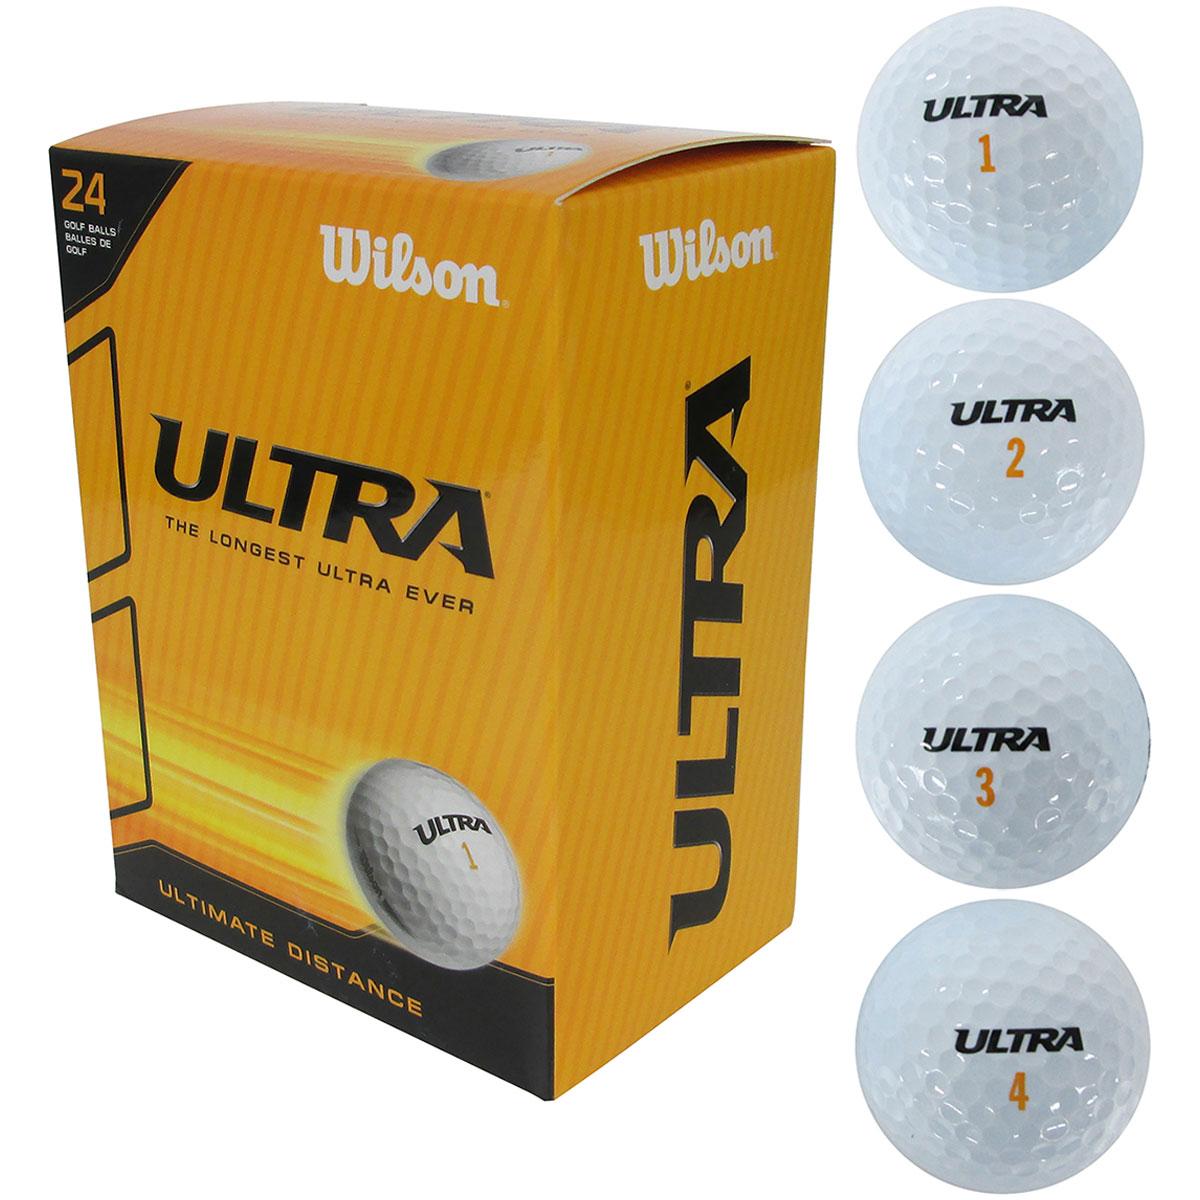 ULTRA ゴルフボール 24個入り